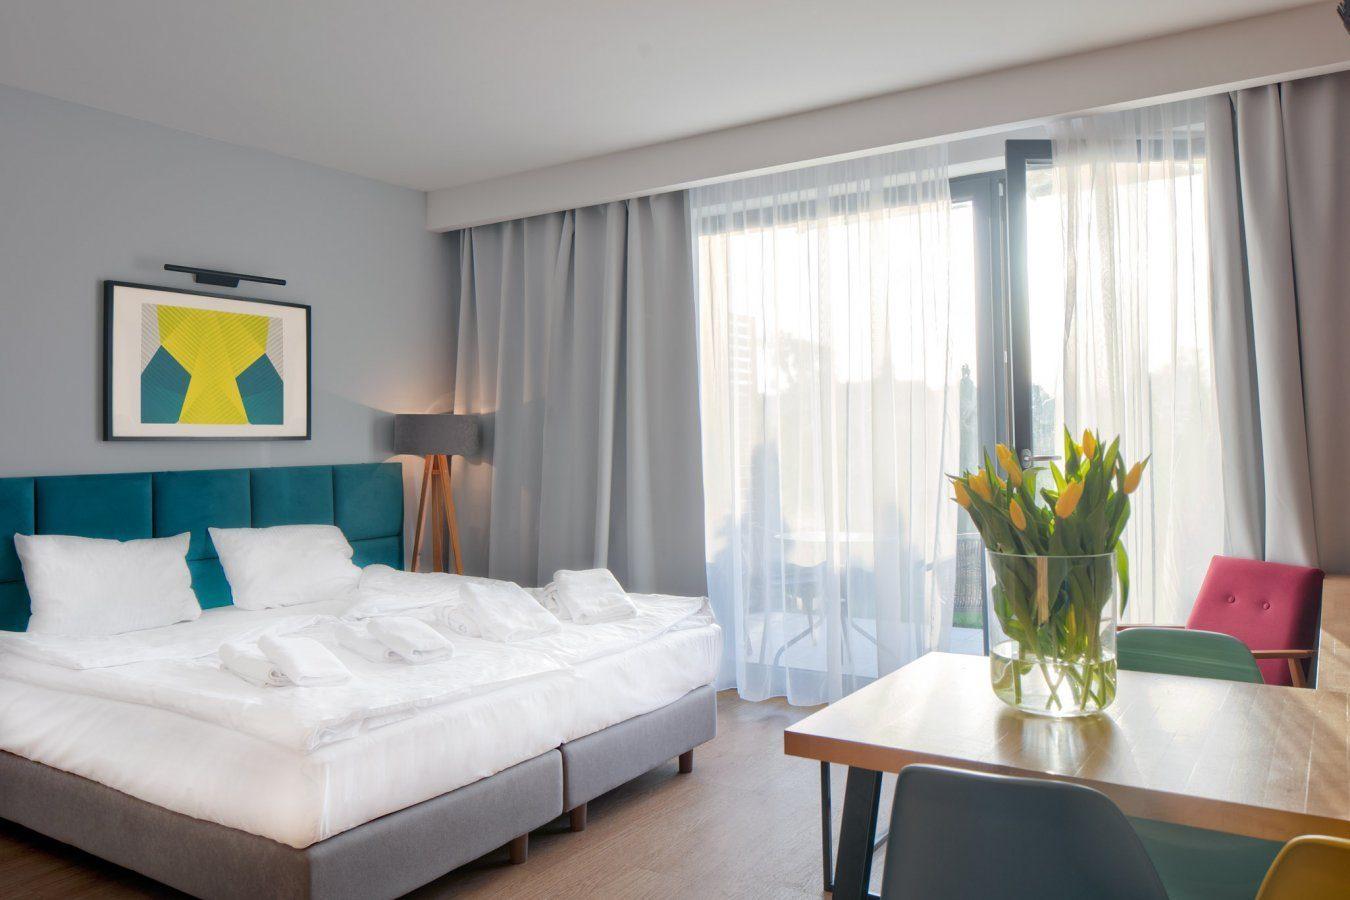 mielenko-hotel-baltin-fot-piotr-krajewski-1-jpg-lq_102_W_3K2A2249